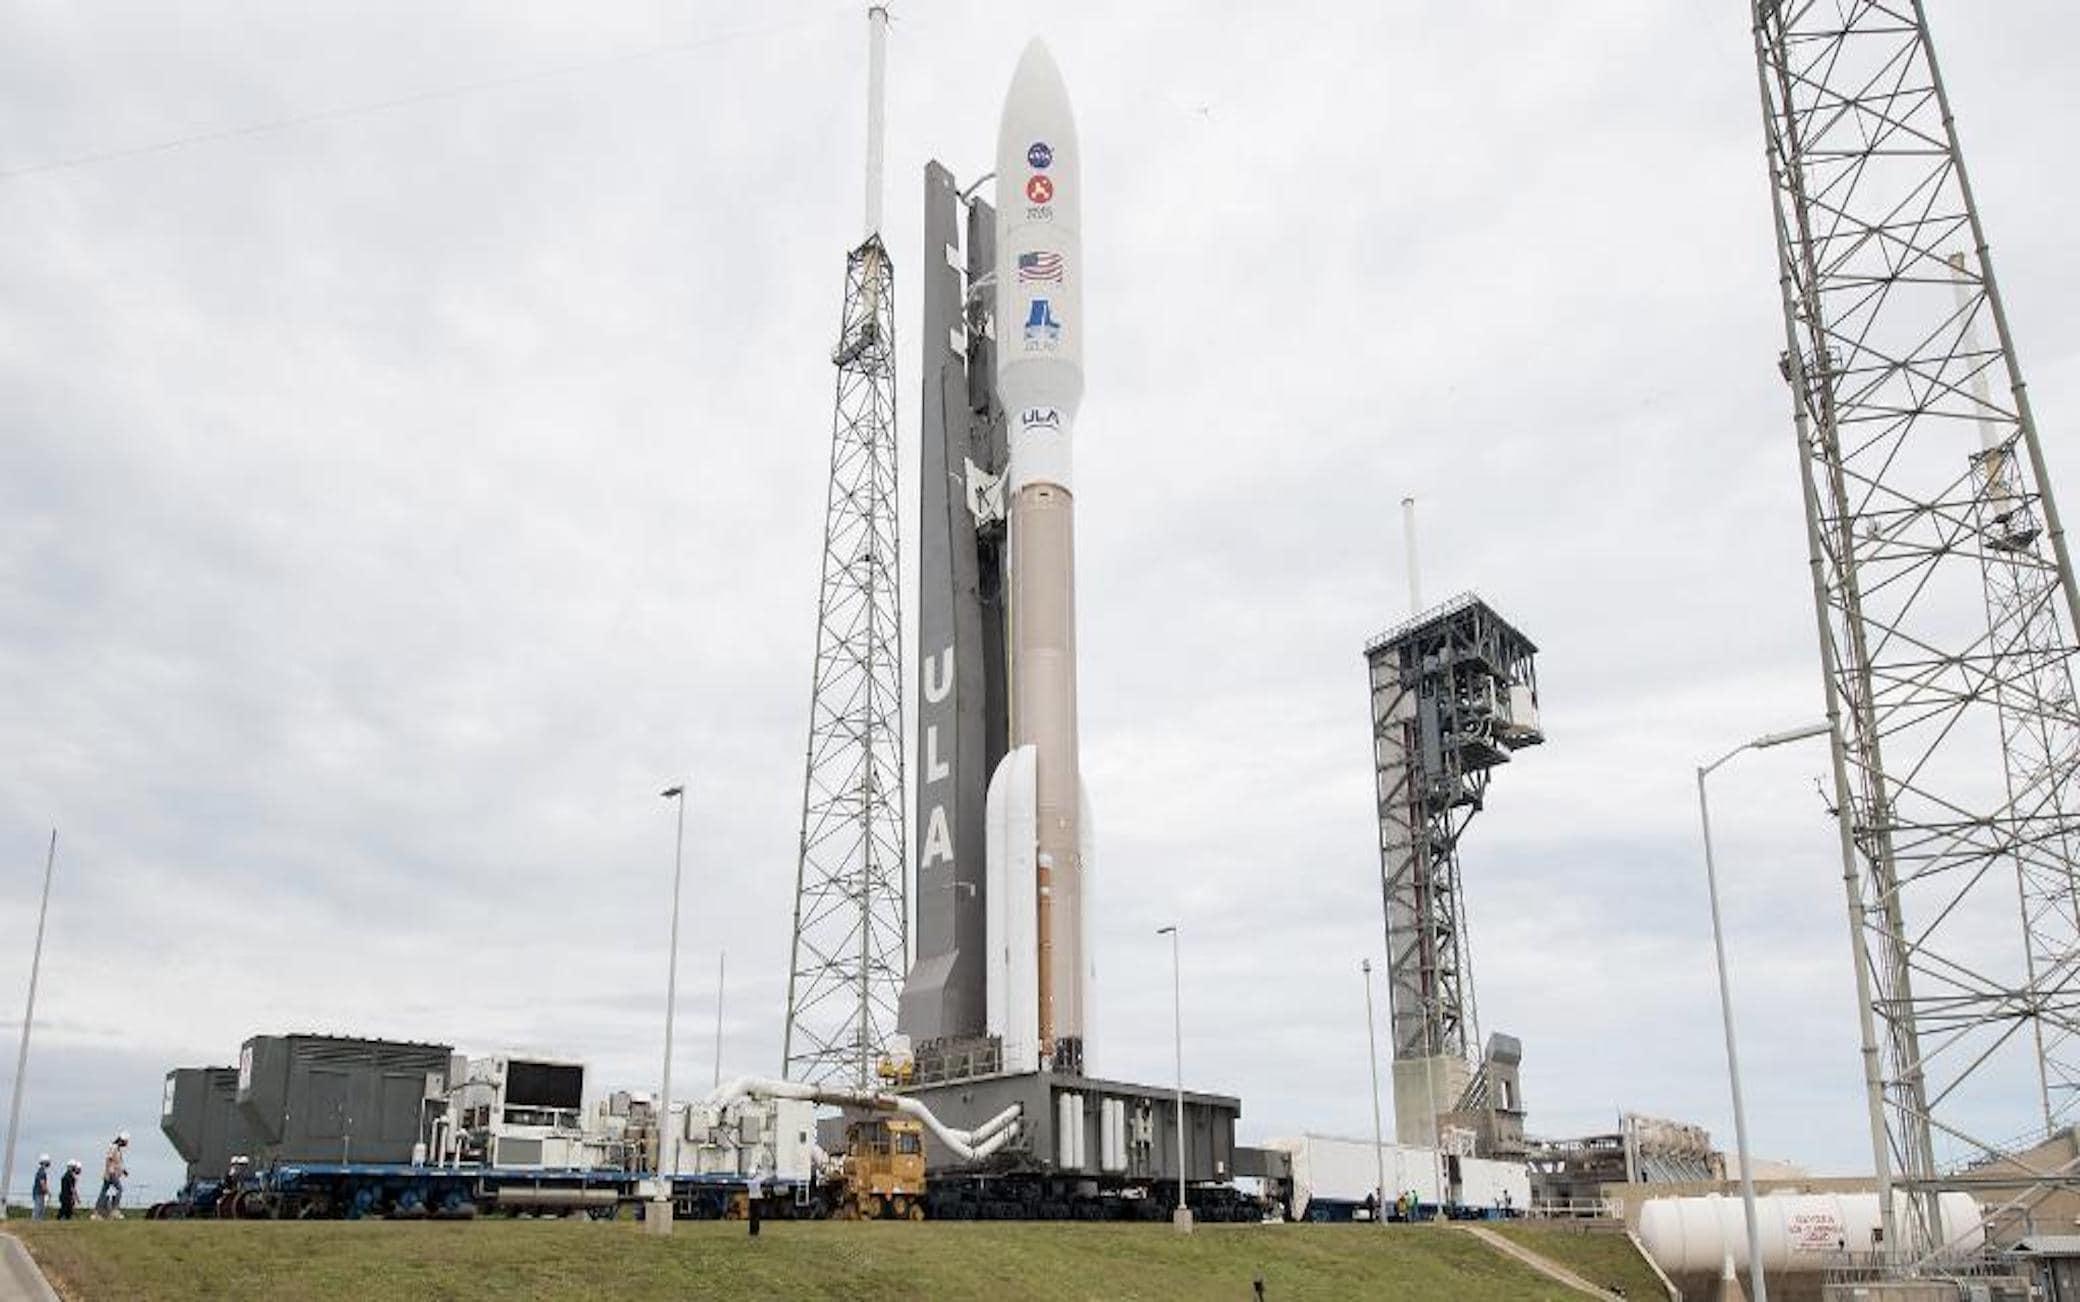 Perseverance, il rover della missione Mars 2020 della Nasa